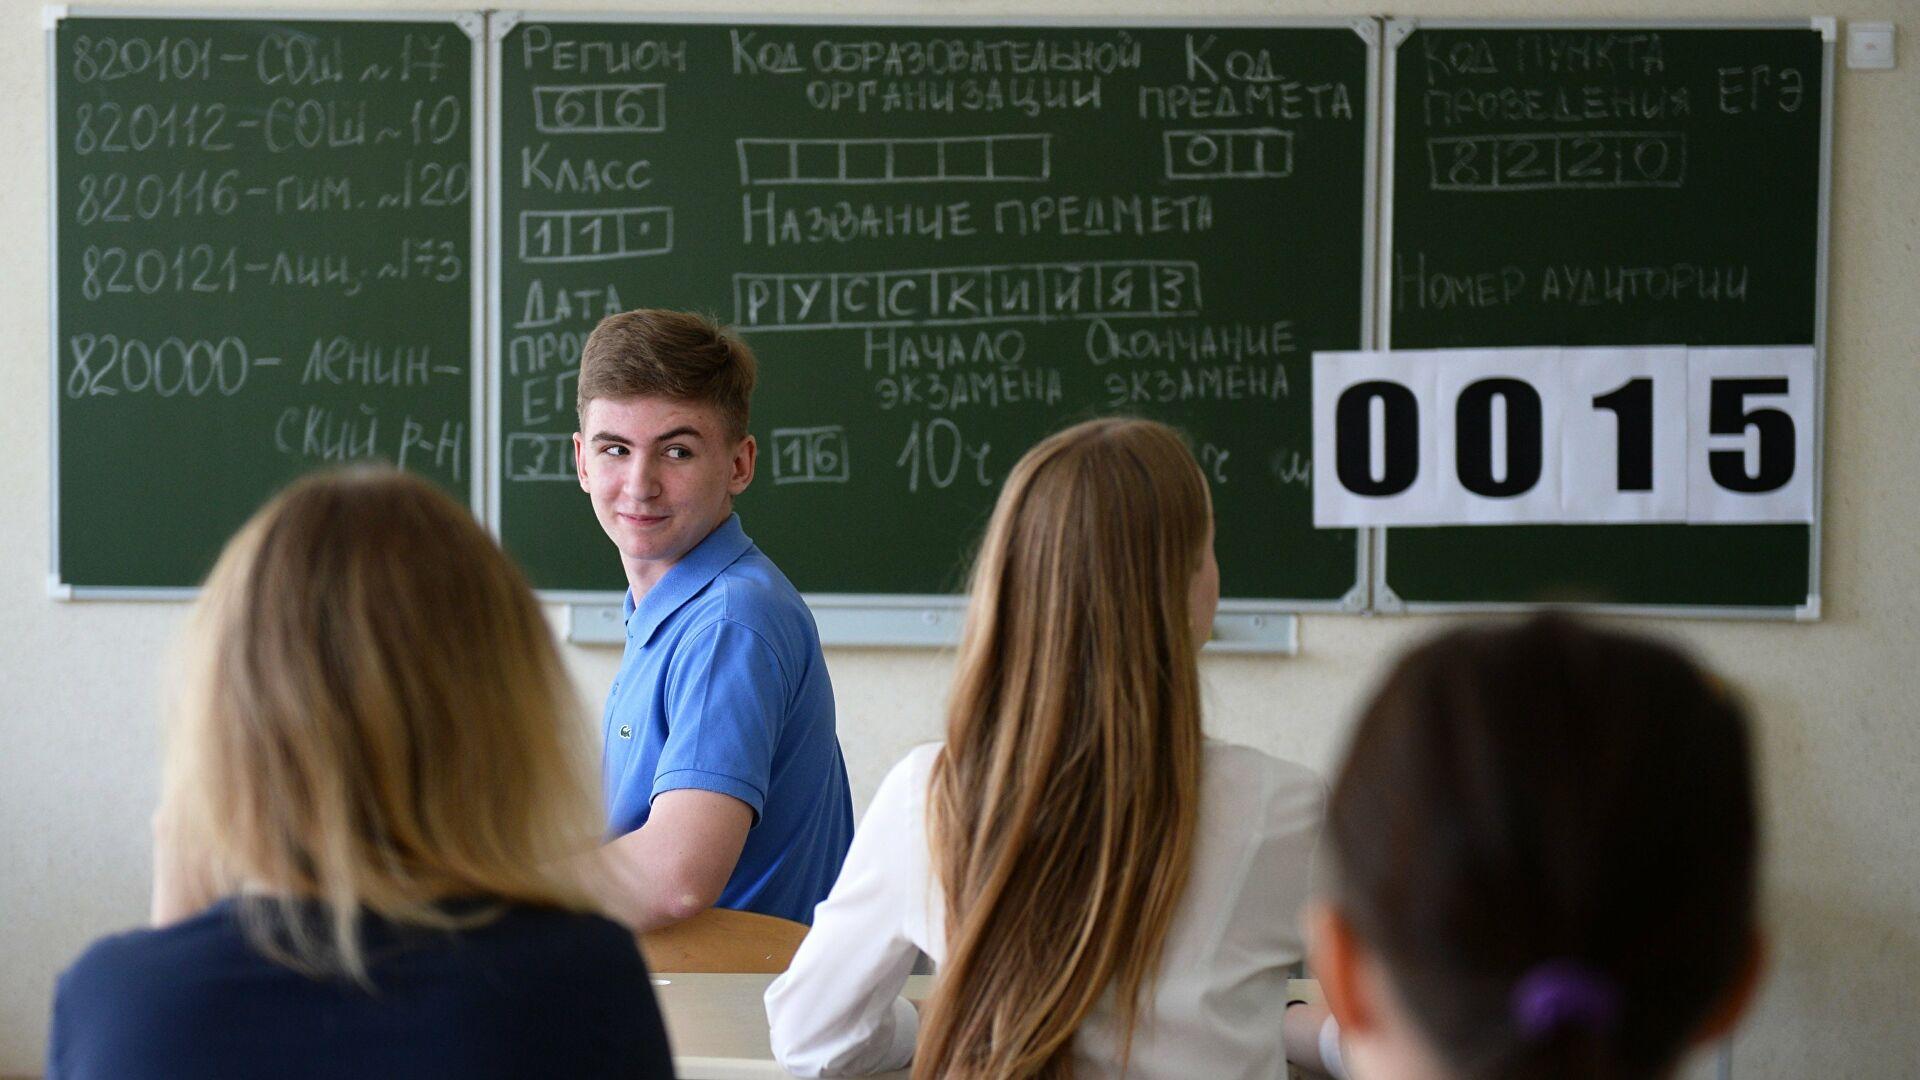 Школьники рассказали об ожидаемых средних баллах на ЕГЭ